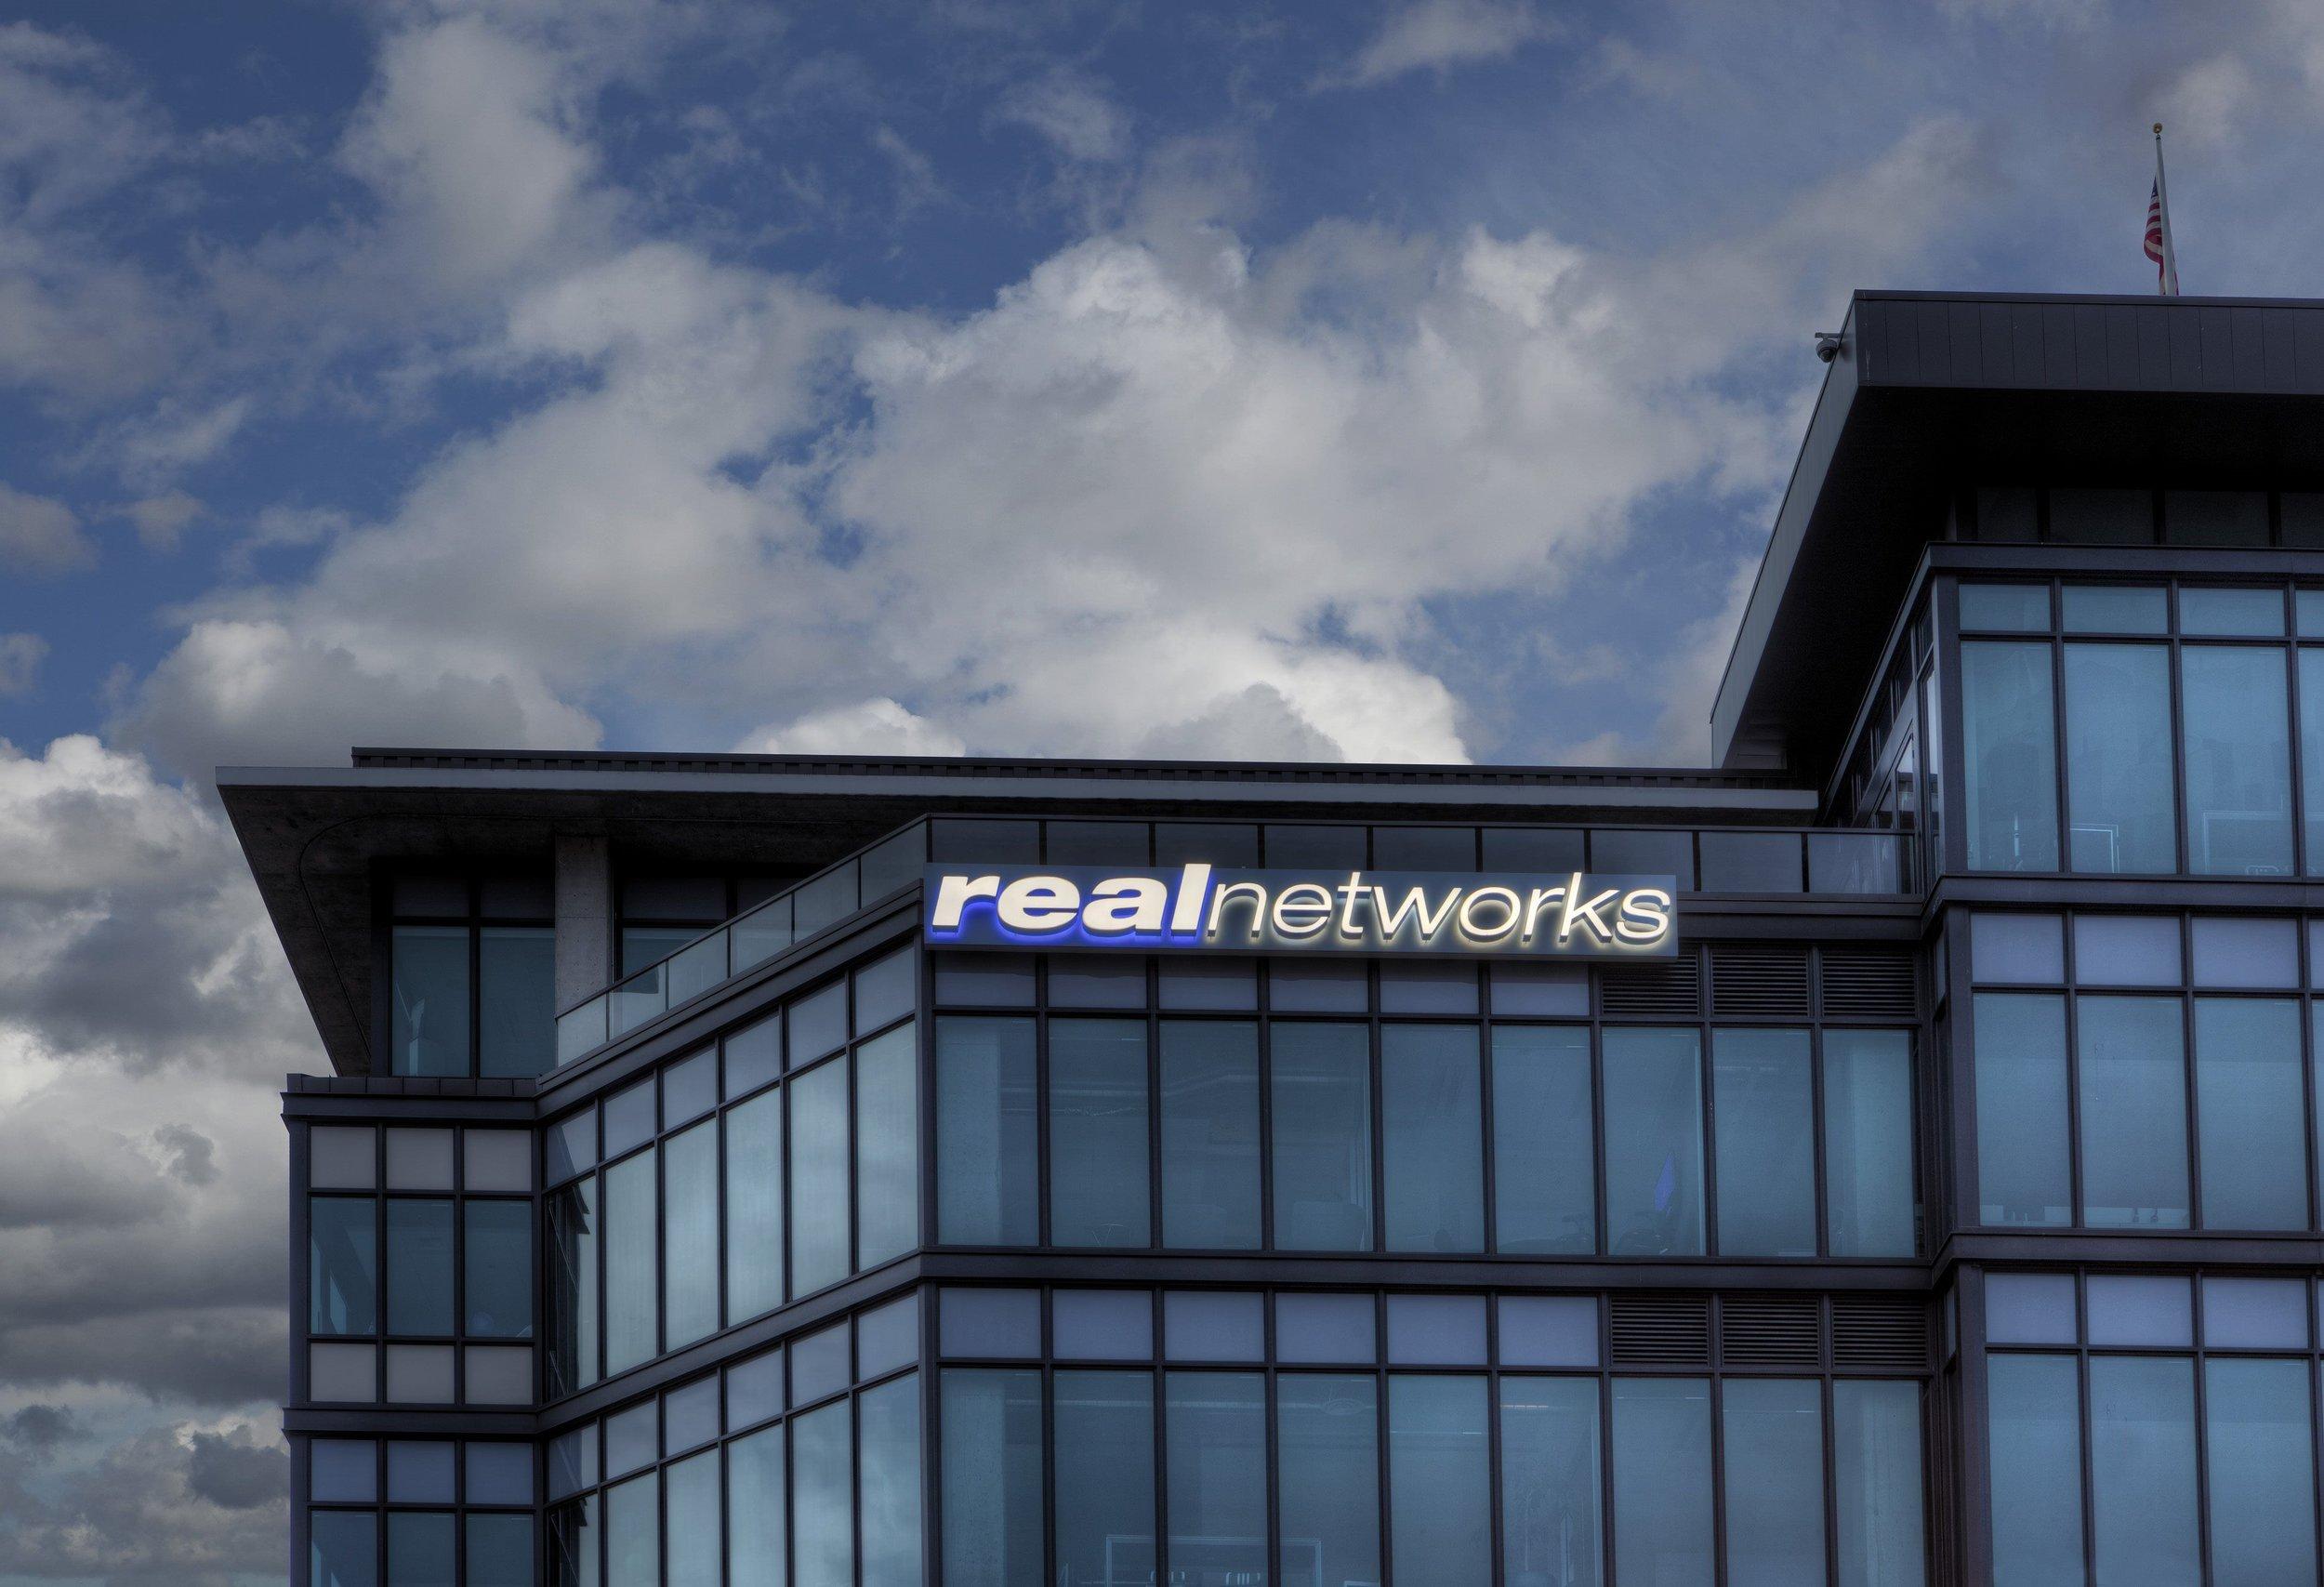 RealNetworks.jpeg